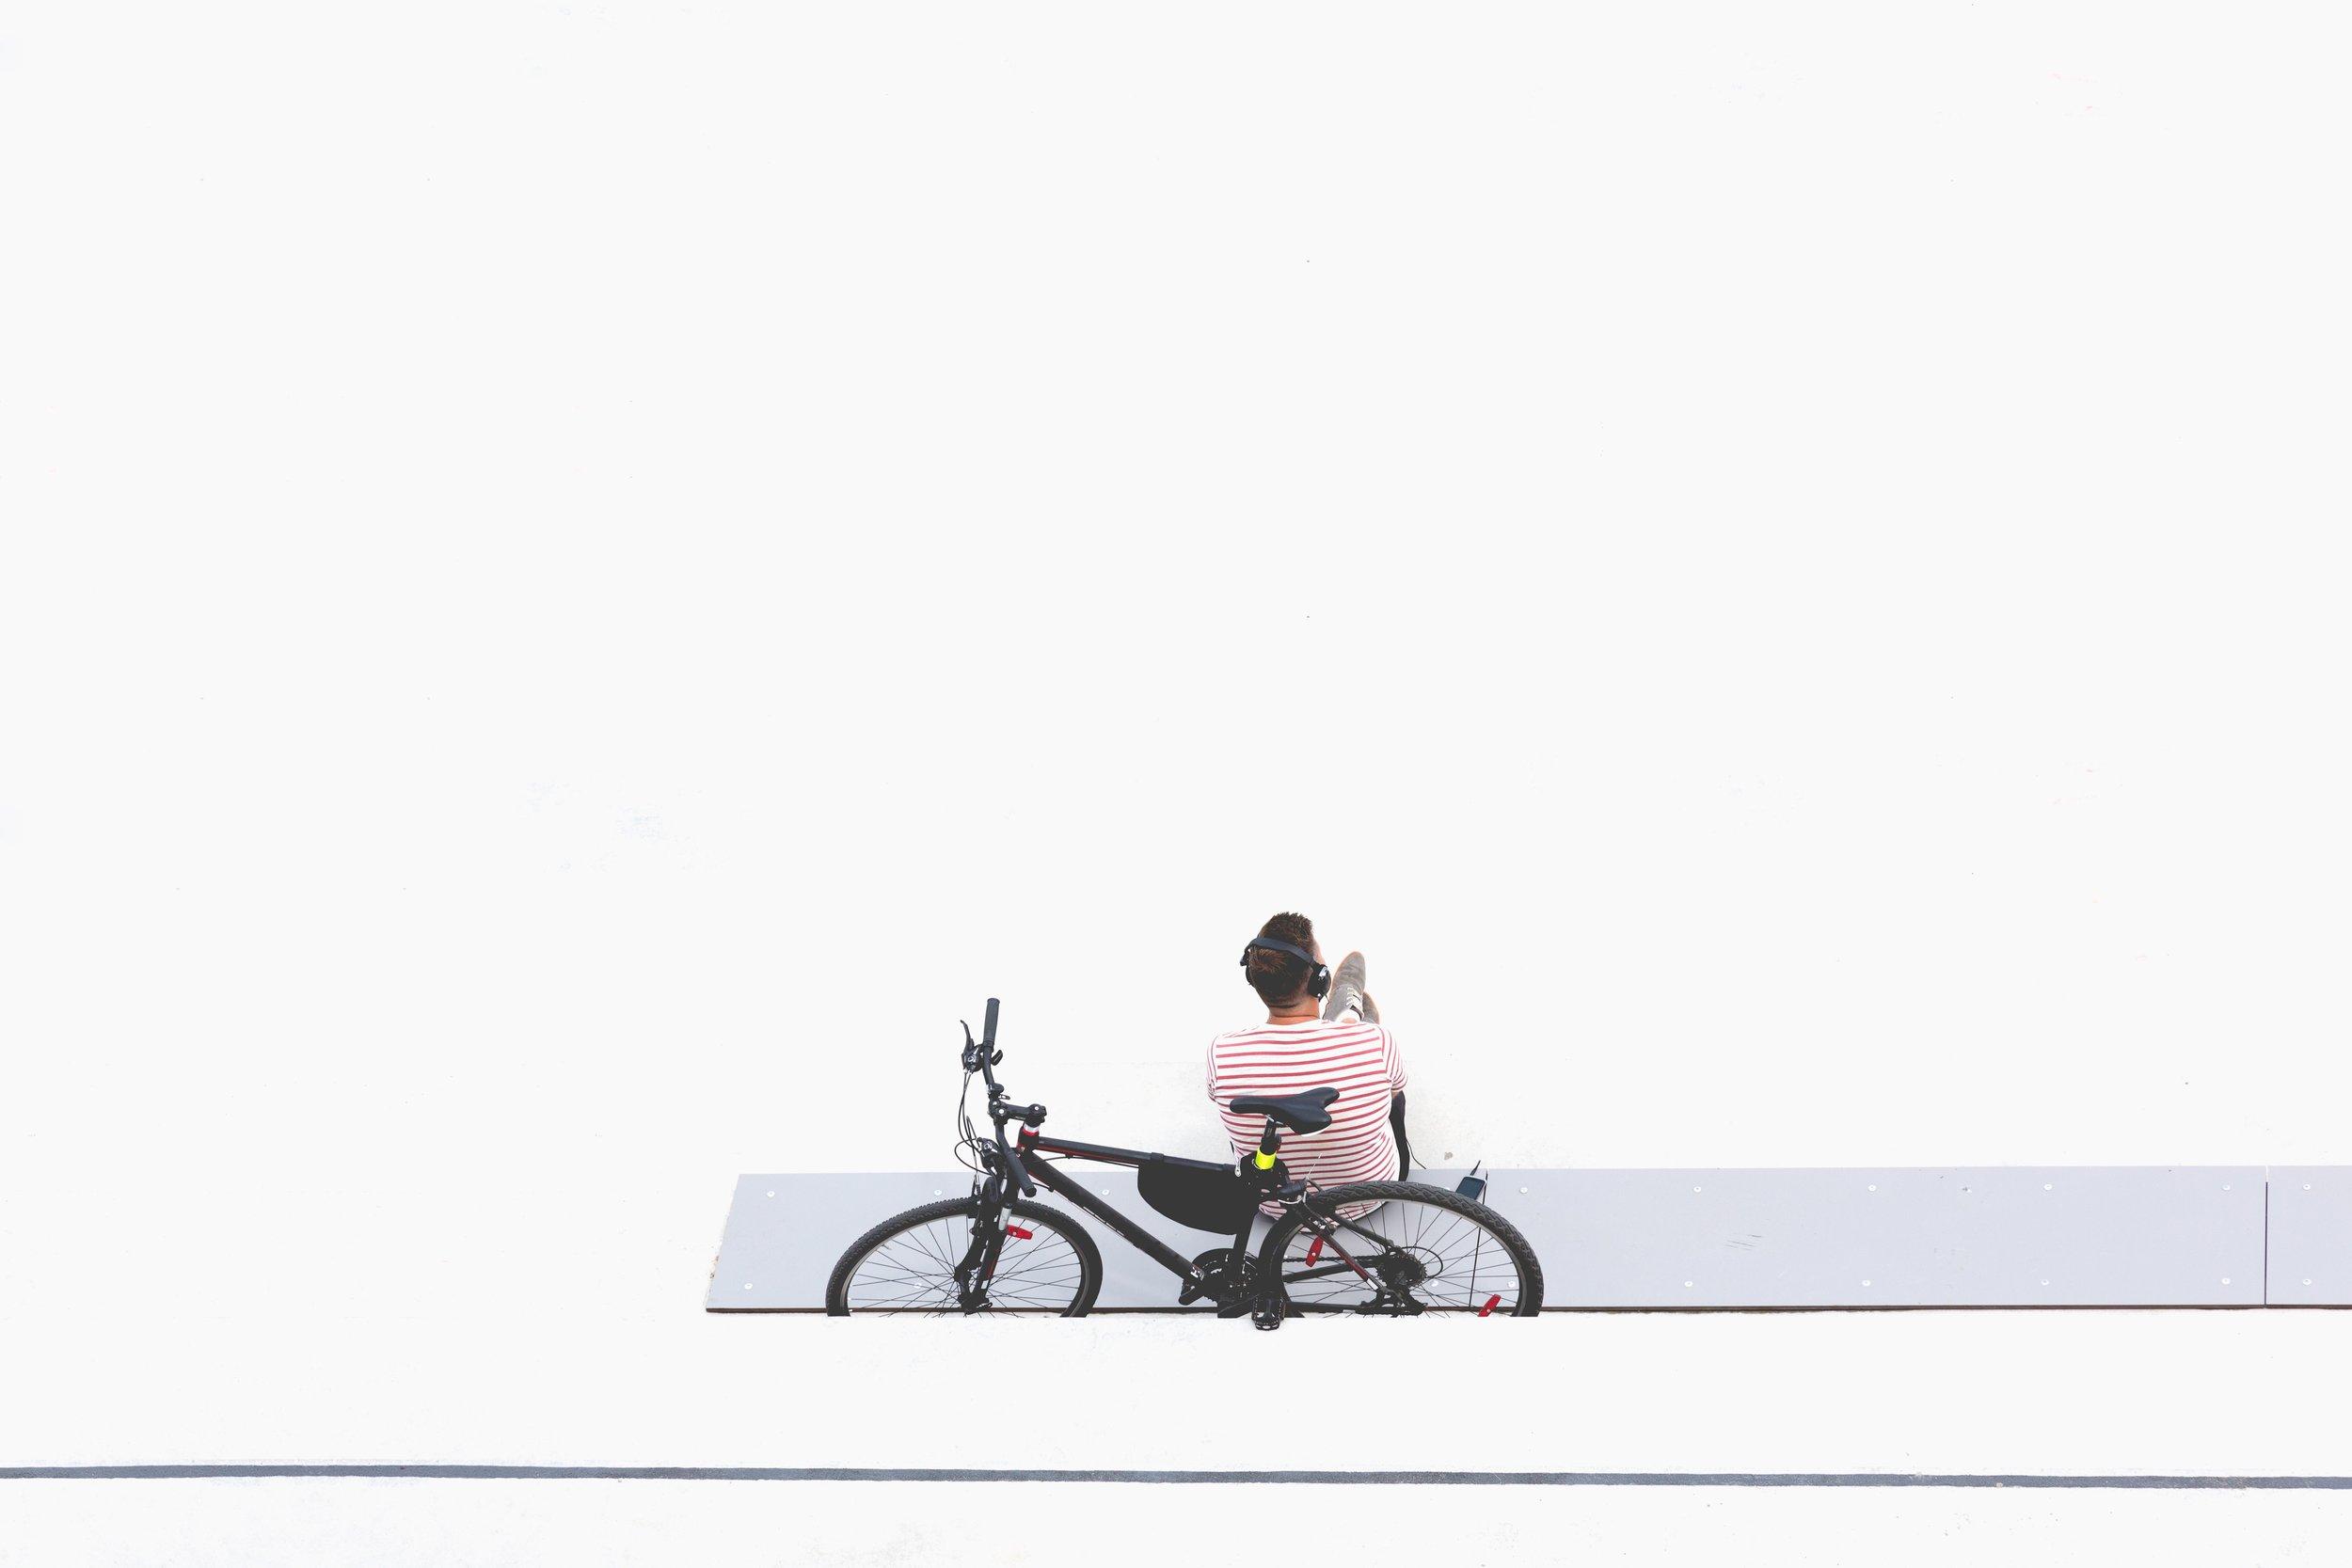 man and bike.jpg